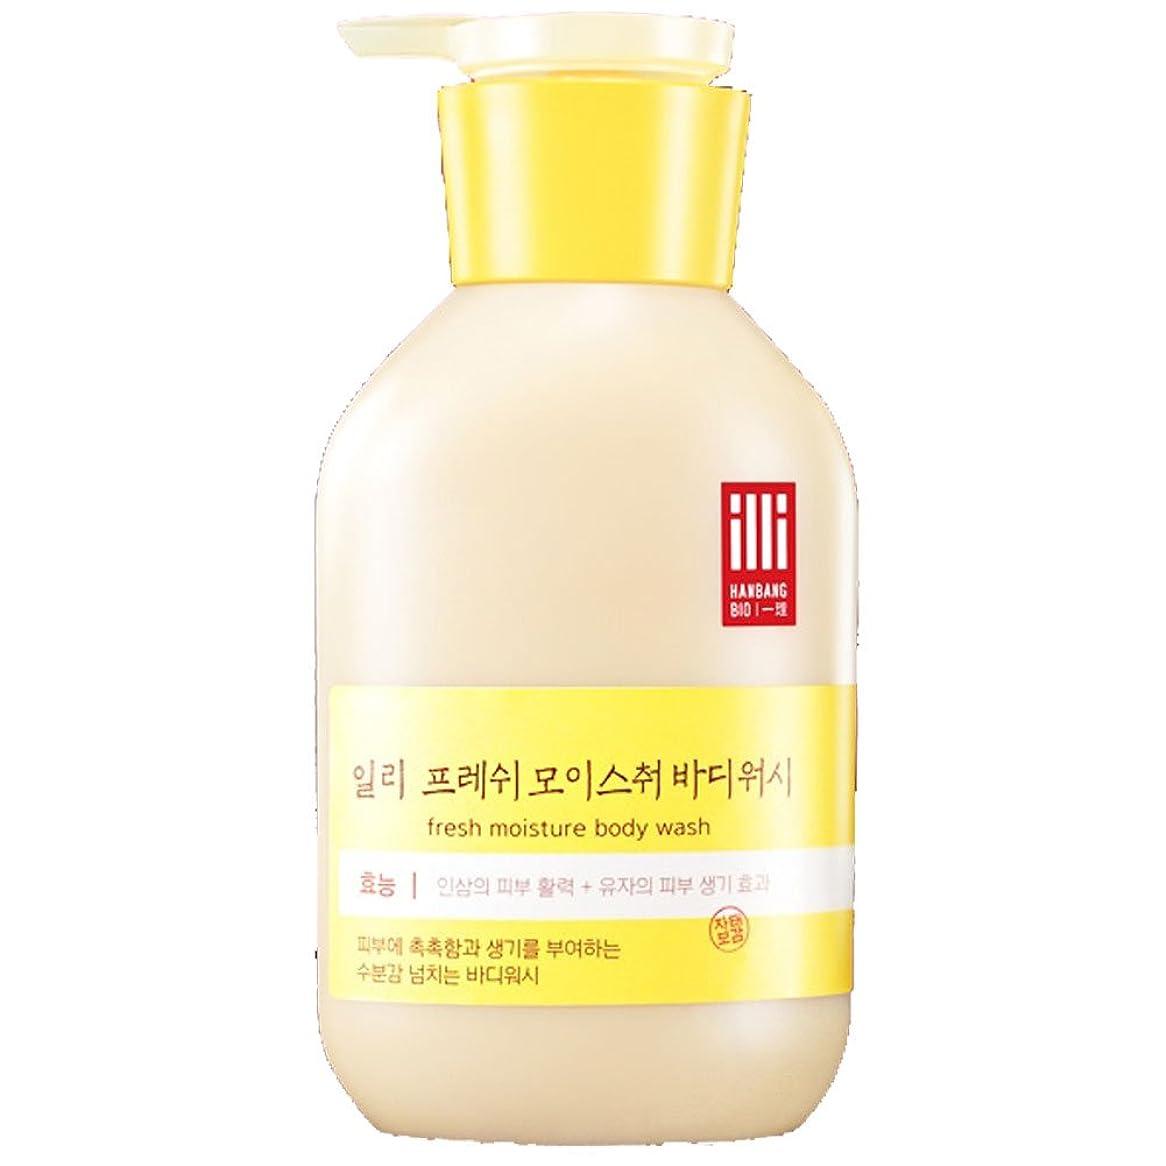 吸うマウント不足(アモーレパシフィック ) Amore Pacific illi Fresh Moisture Body lotion 新鮮な水分ボディローション 350ml  (海外直送品)